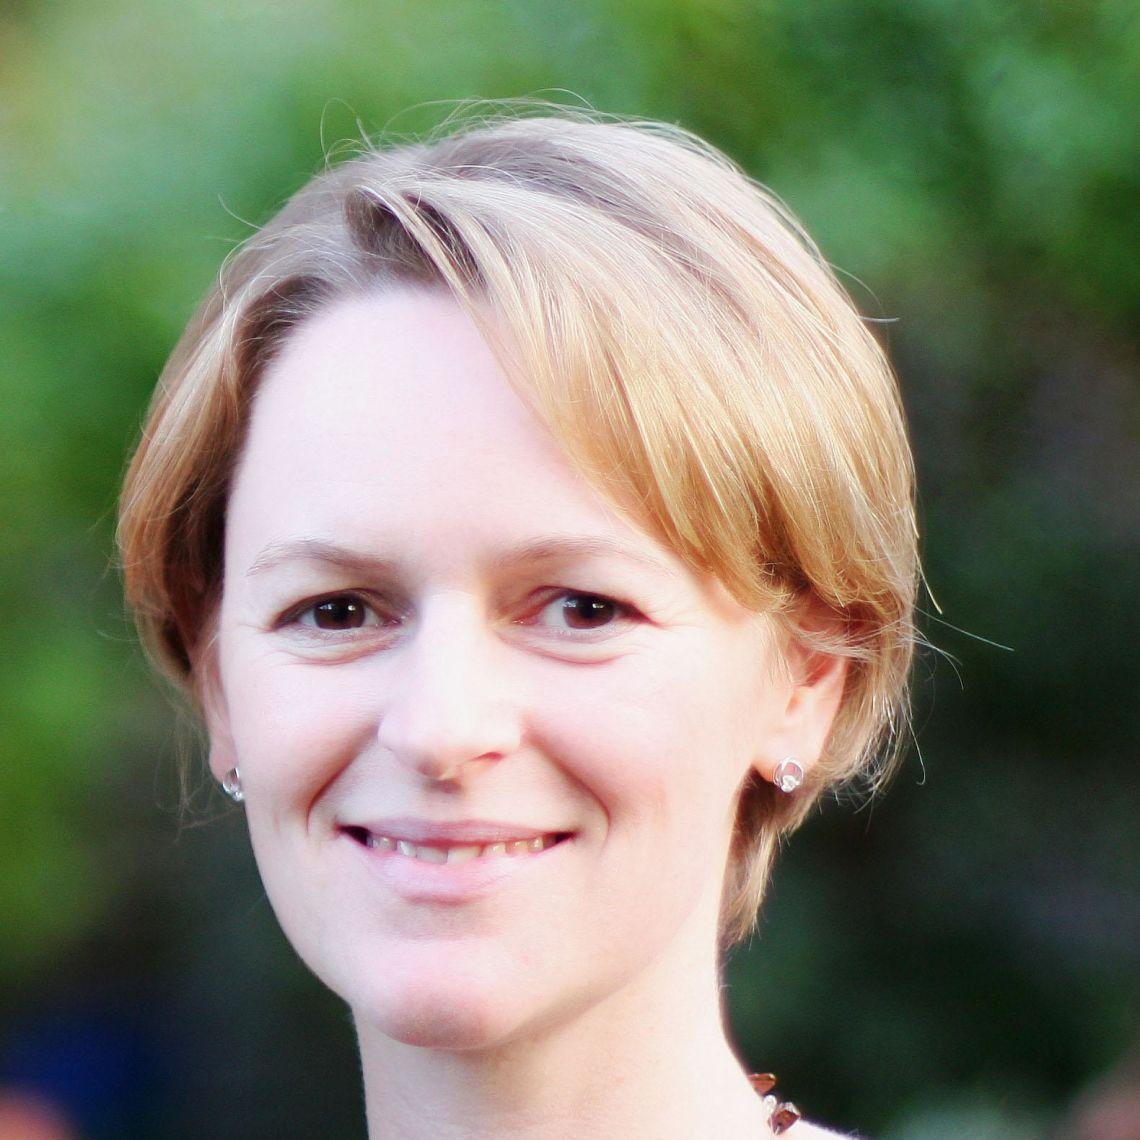 Nicola Burgess-Brown